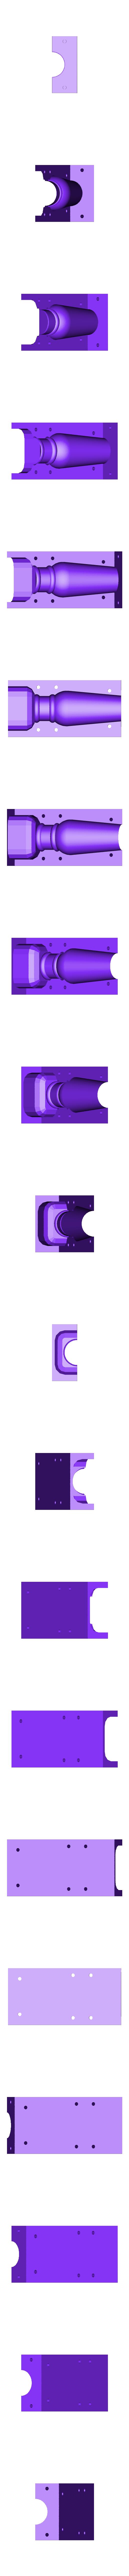 balusterBottom.stl Descargar archivo STL Balauster Molde  • Diseño para impresión en 3D, miguelonmex